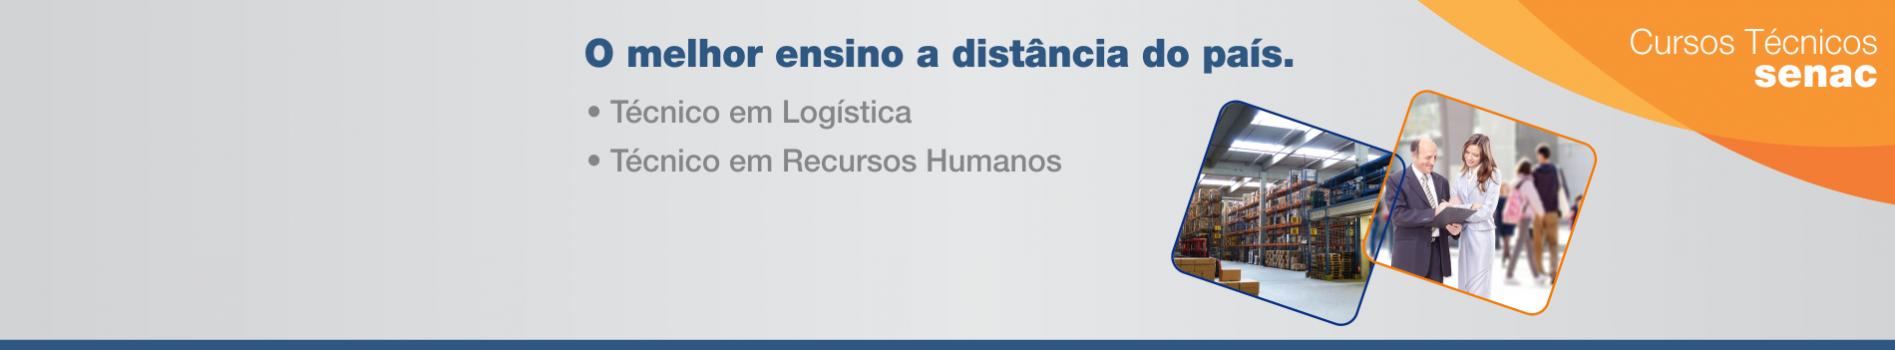 CURSOS A DISTÂNCIA